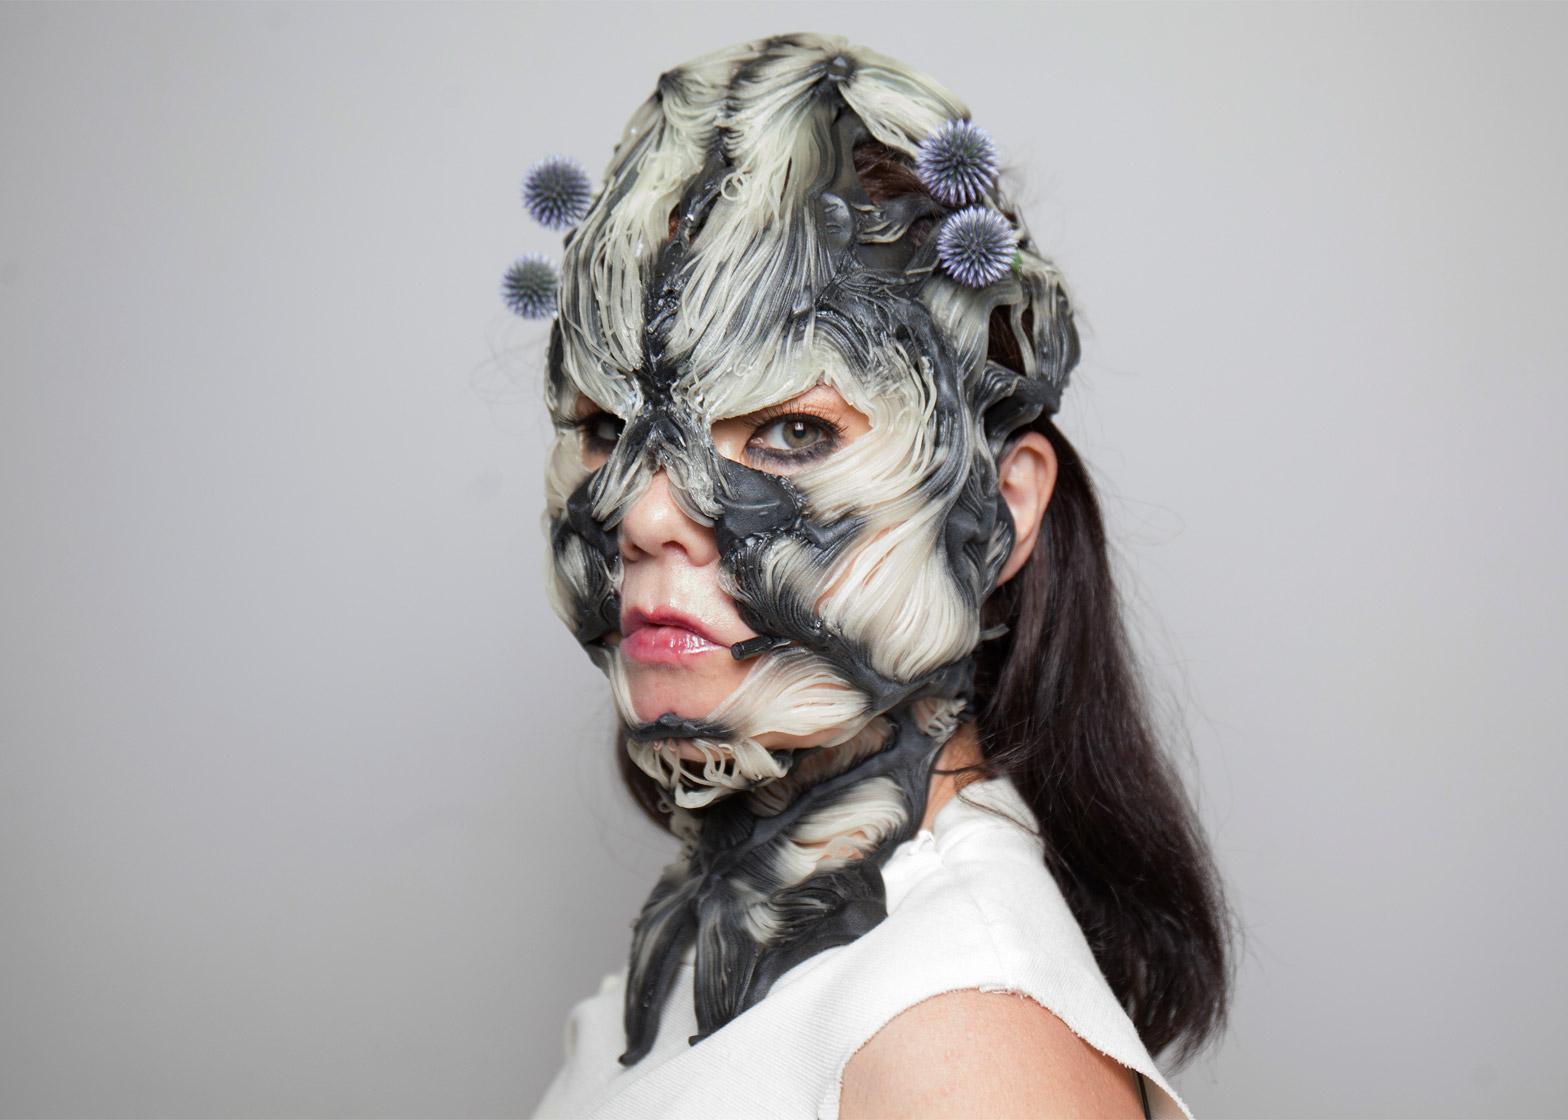 Brunetka w szarobiałej masce na twarzy